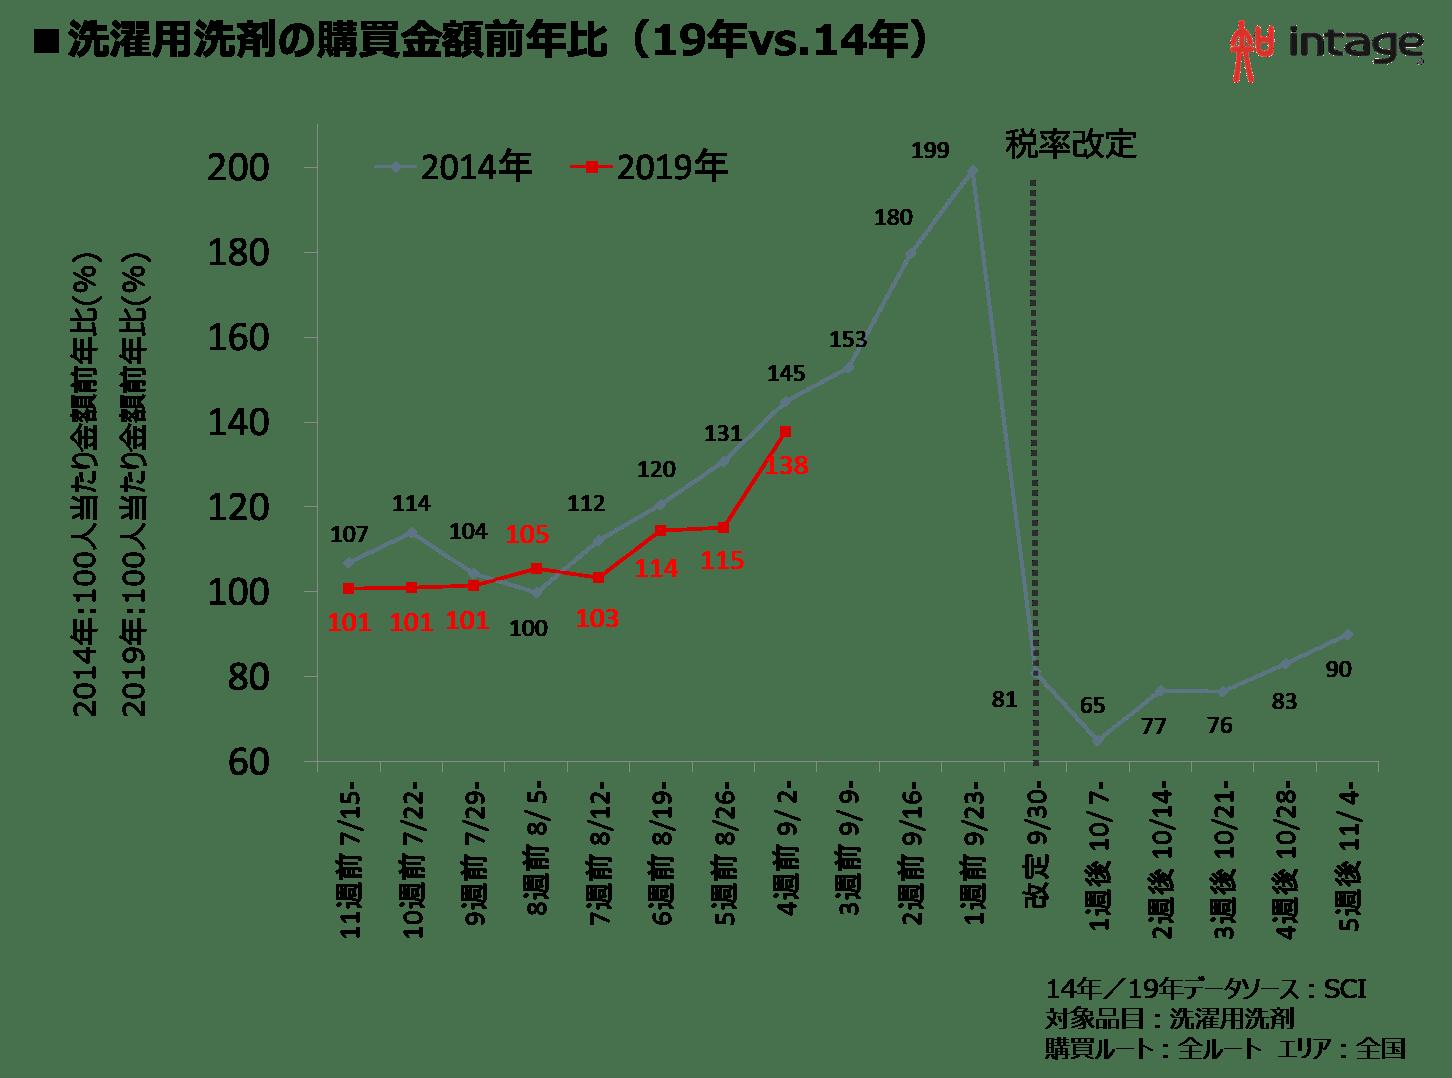 洗濯用洗剤の購買金額前年比(19年vs.14年)